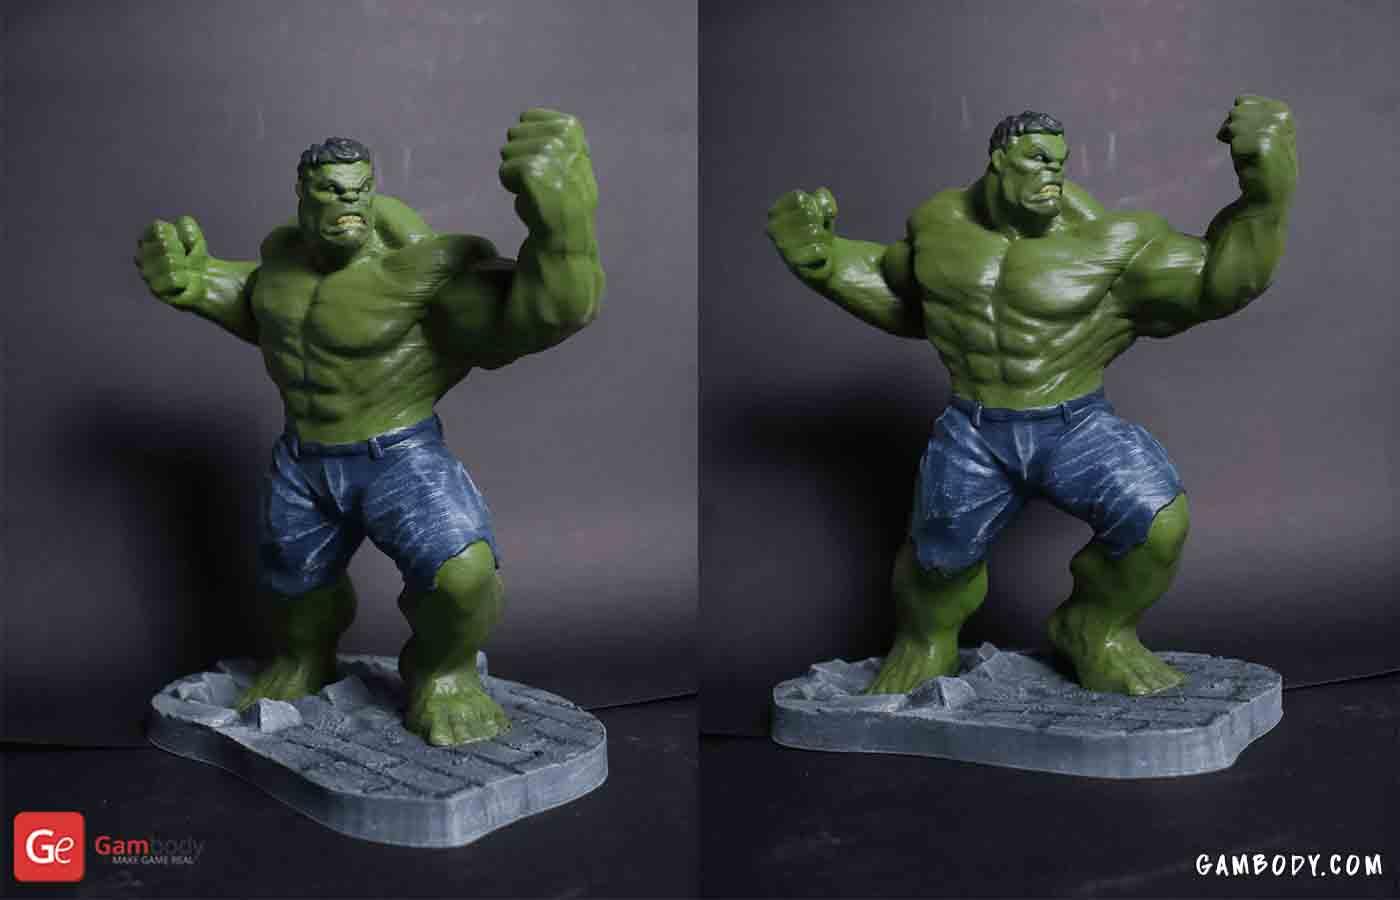 Hulk 3D Printing Figurine Gambody